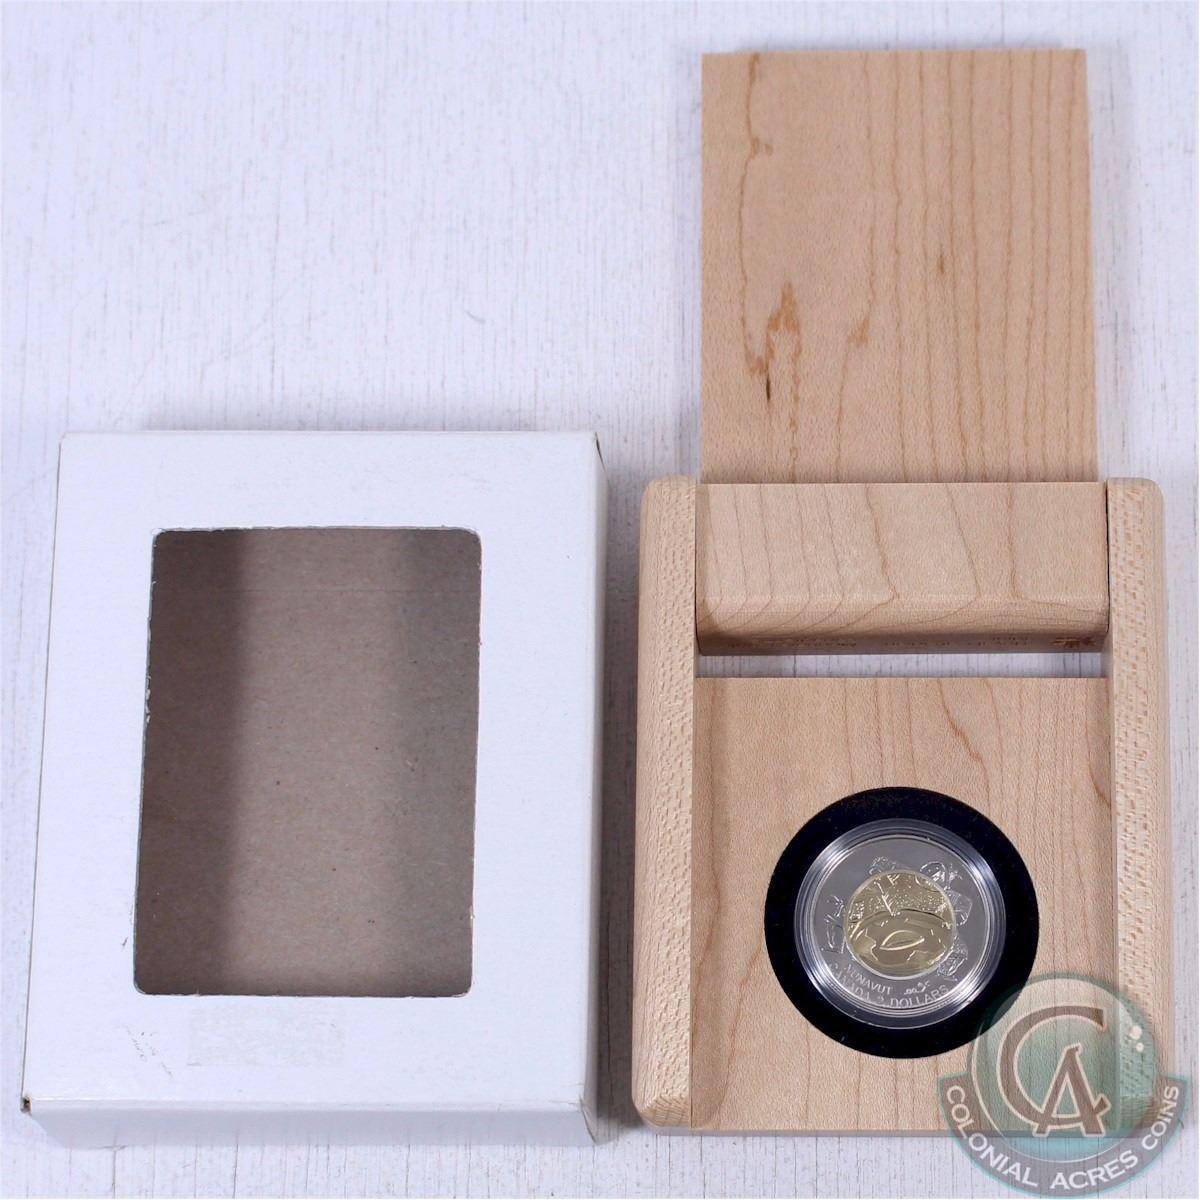 1999 Canada 2 Nunavut Specimen Toonie In Wooden Display Box